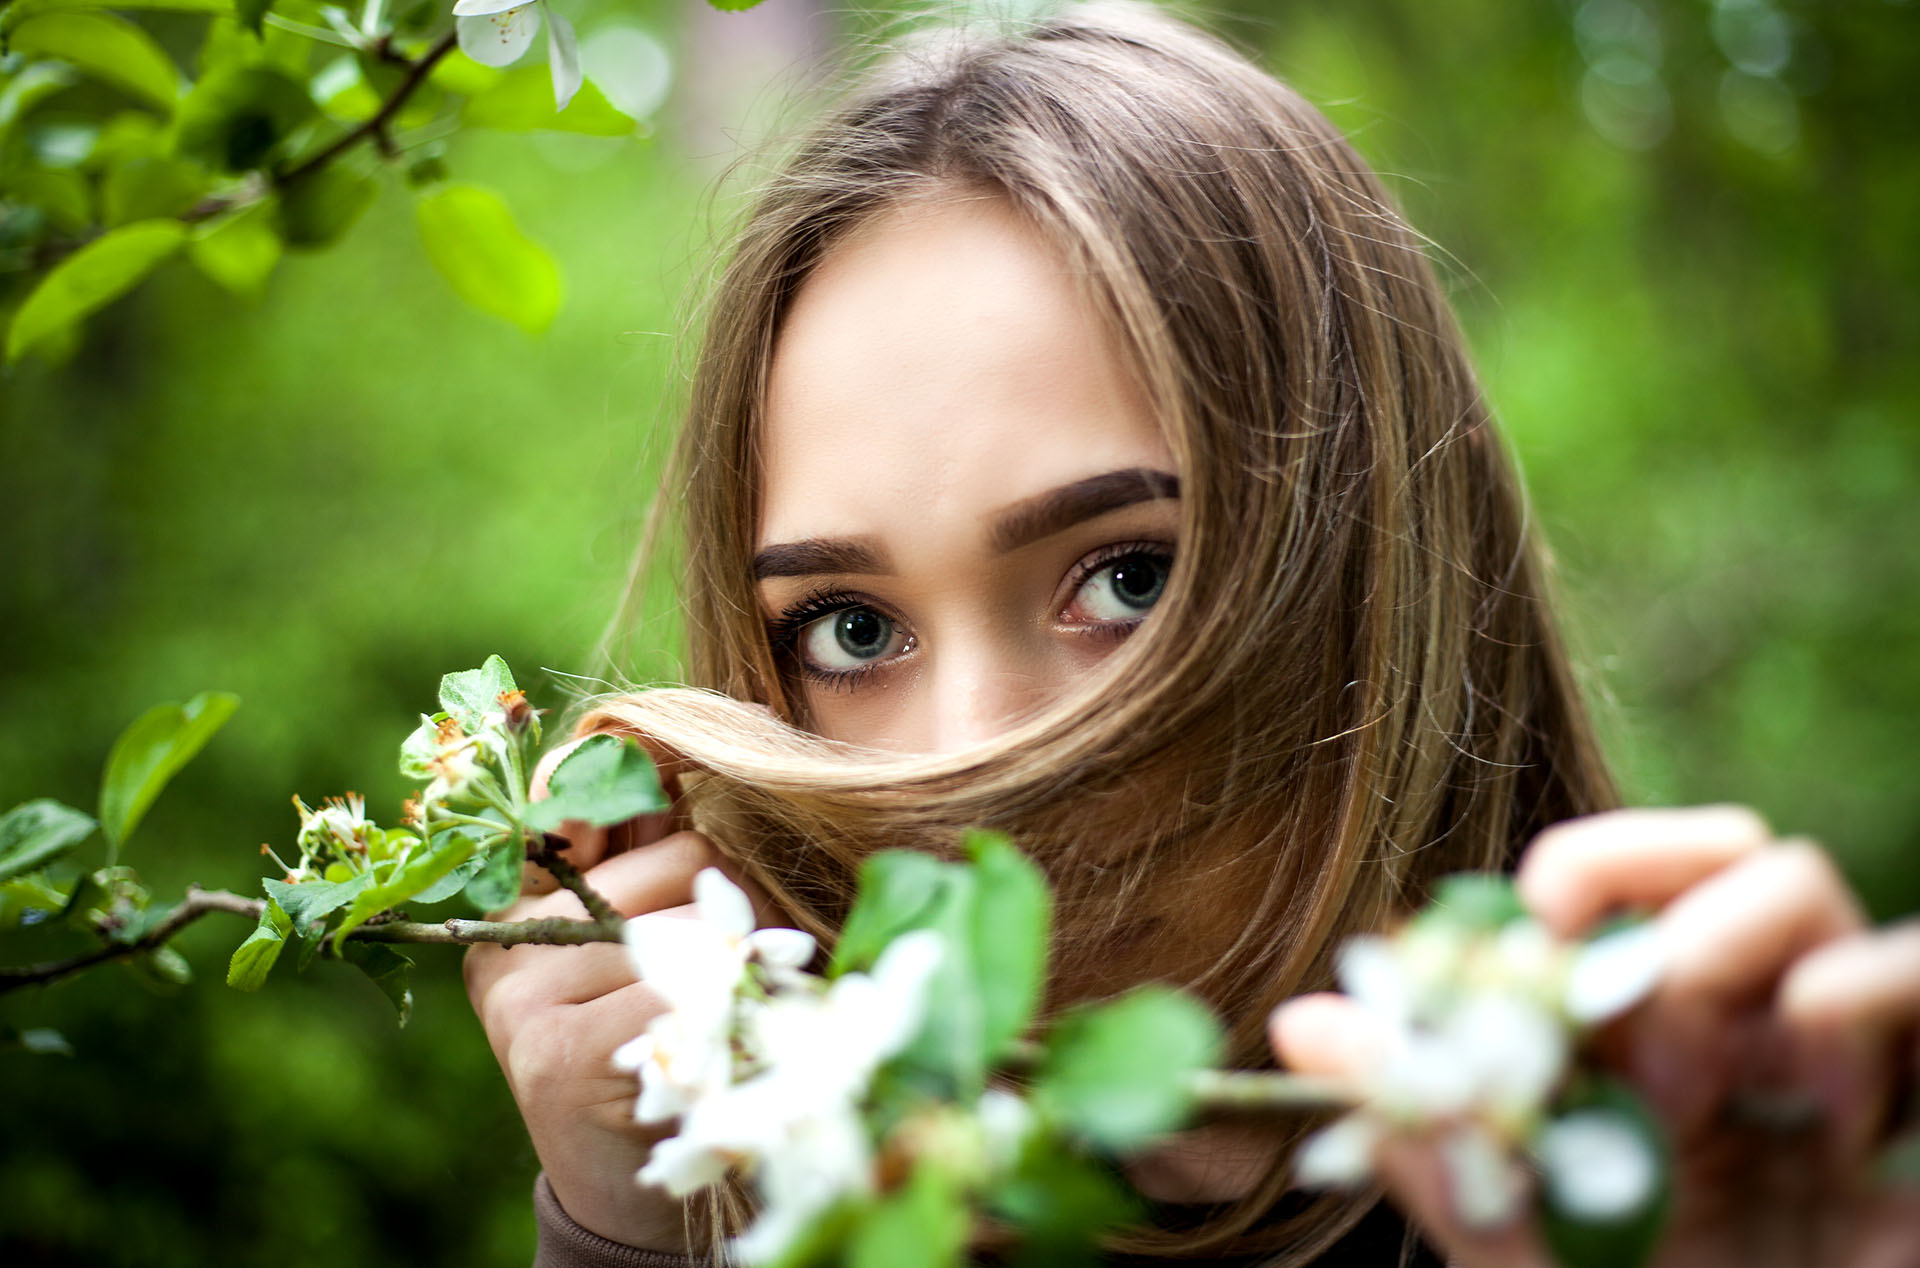 Portret późną wiosna wśród leśnej zieleni.